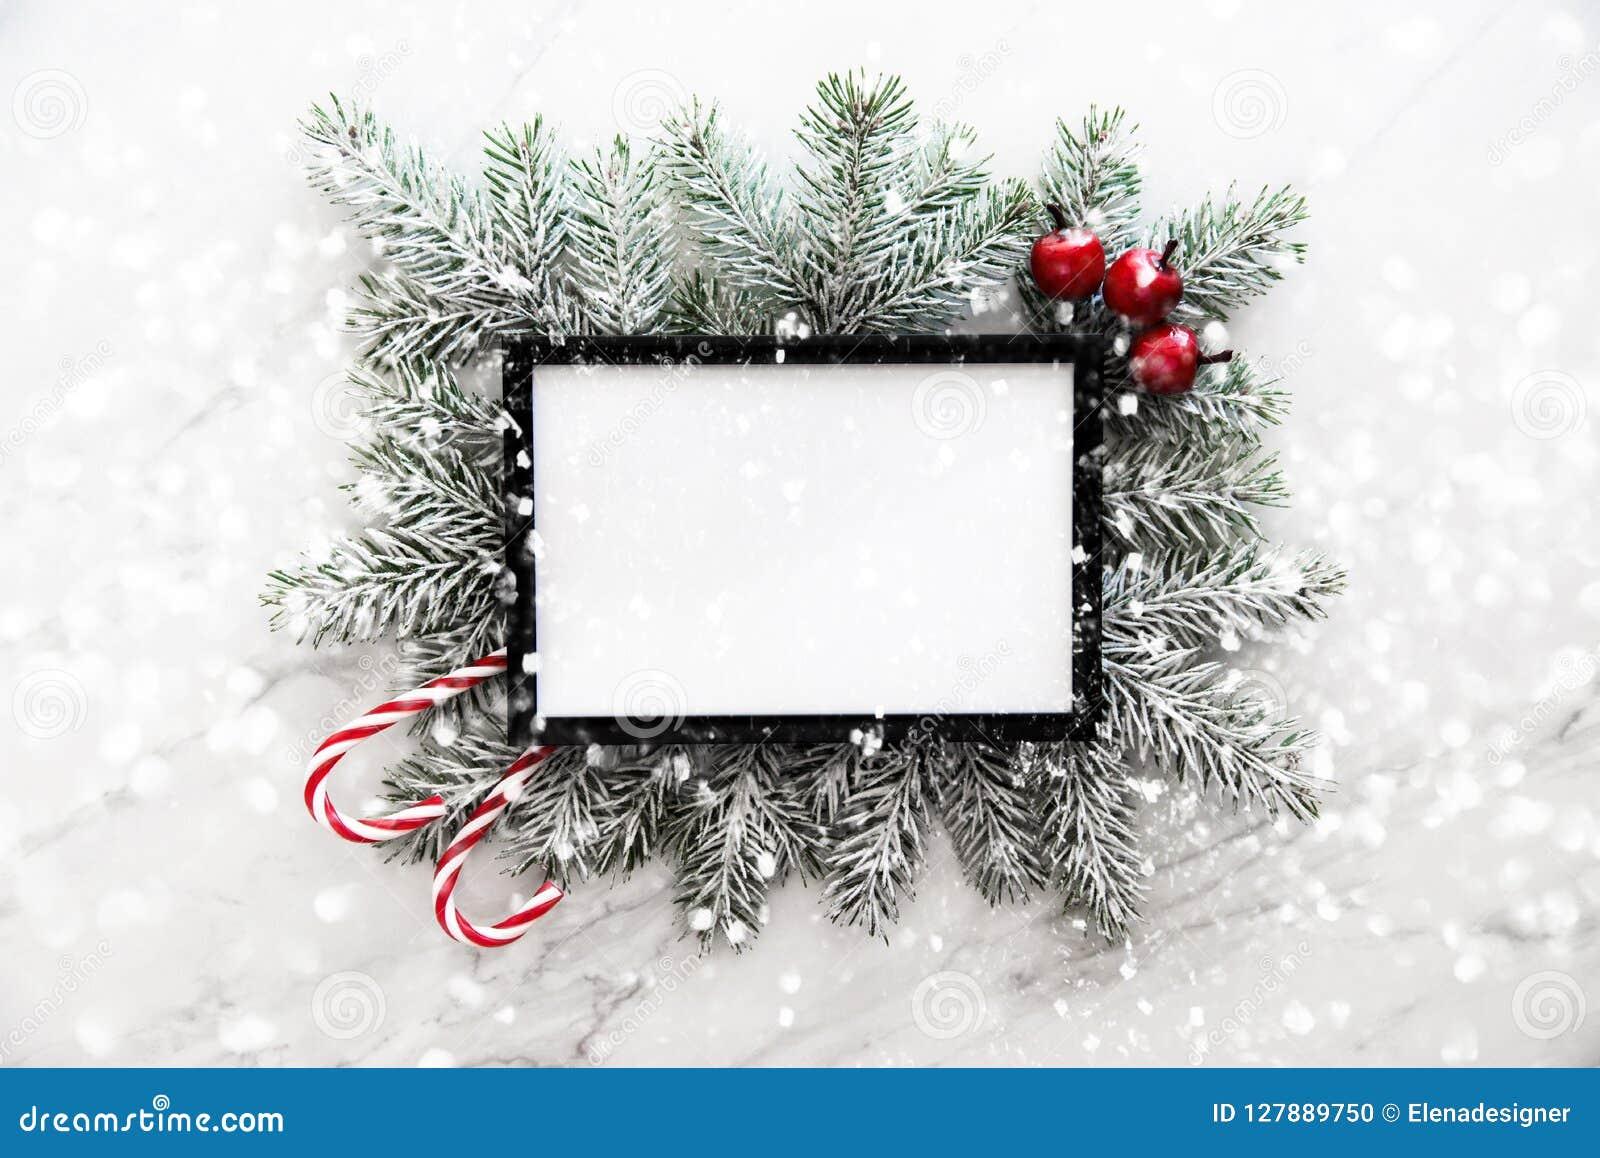 圣诞节与xmas树和xmas装饰的框架背景 圣诞快乐贺卡,横幅